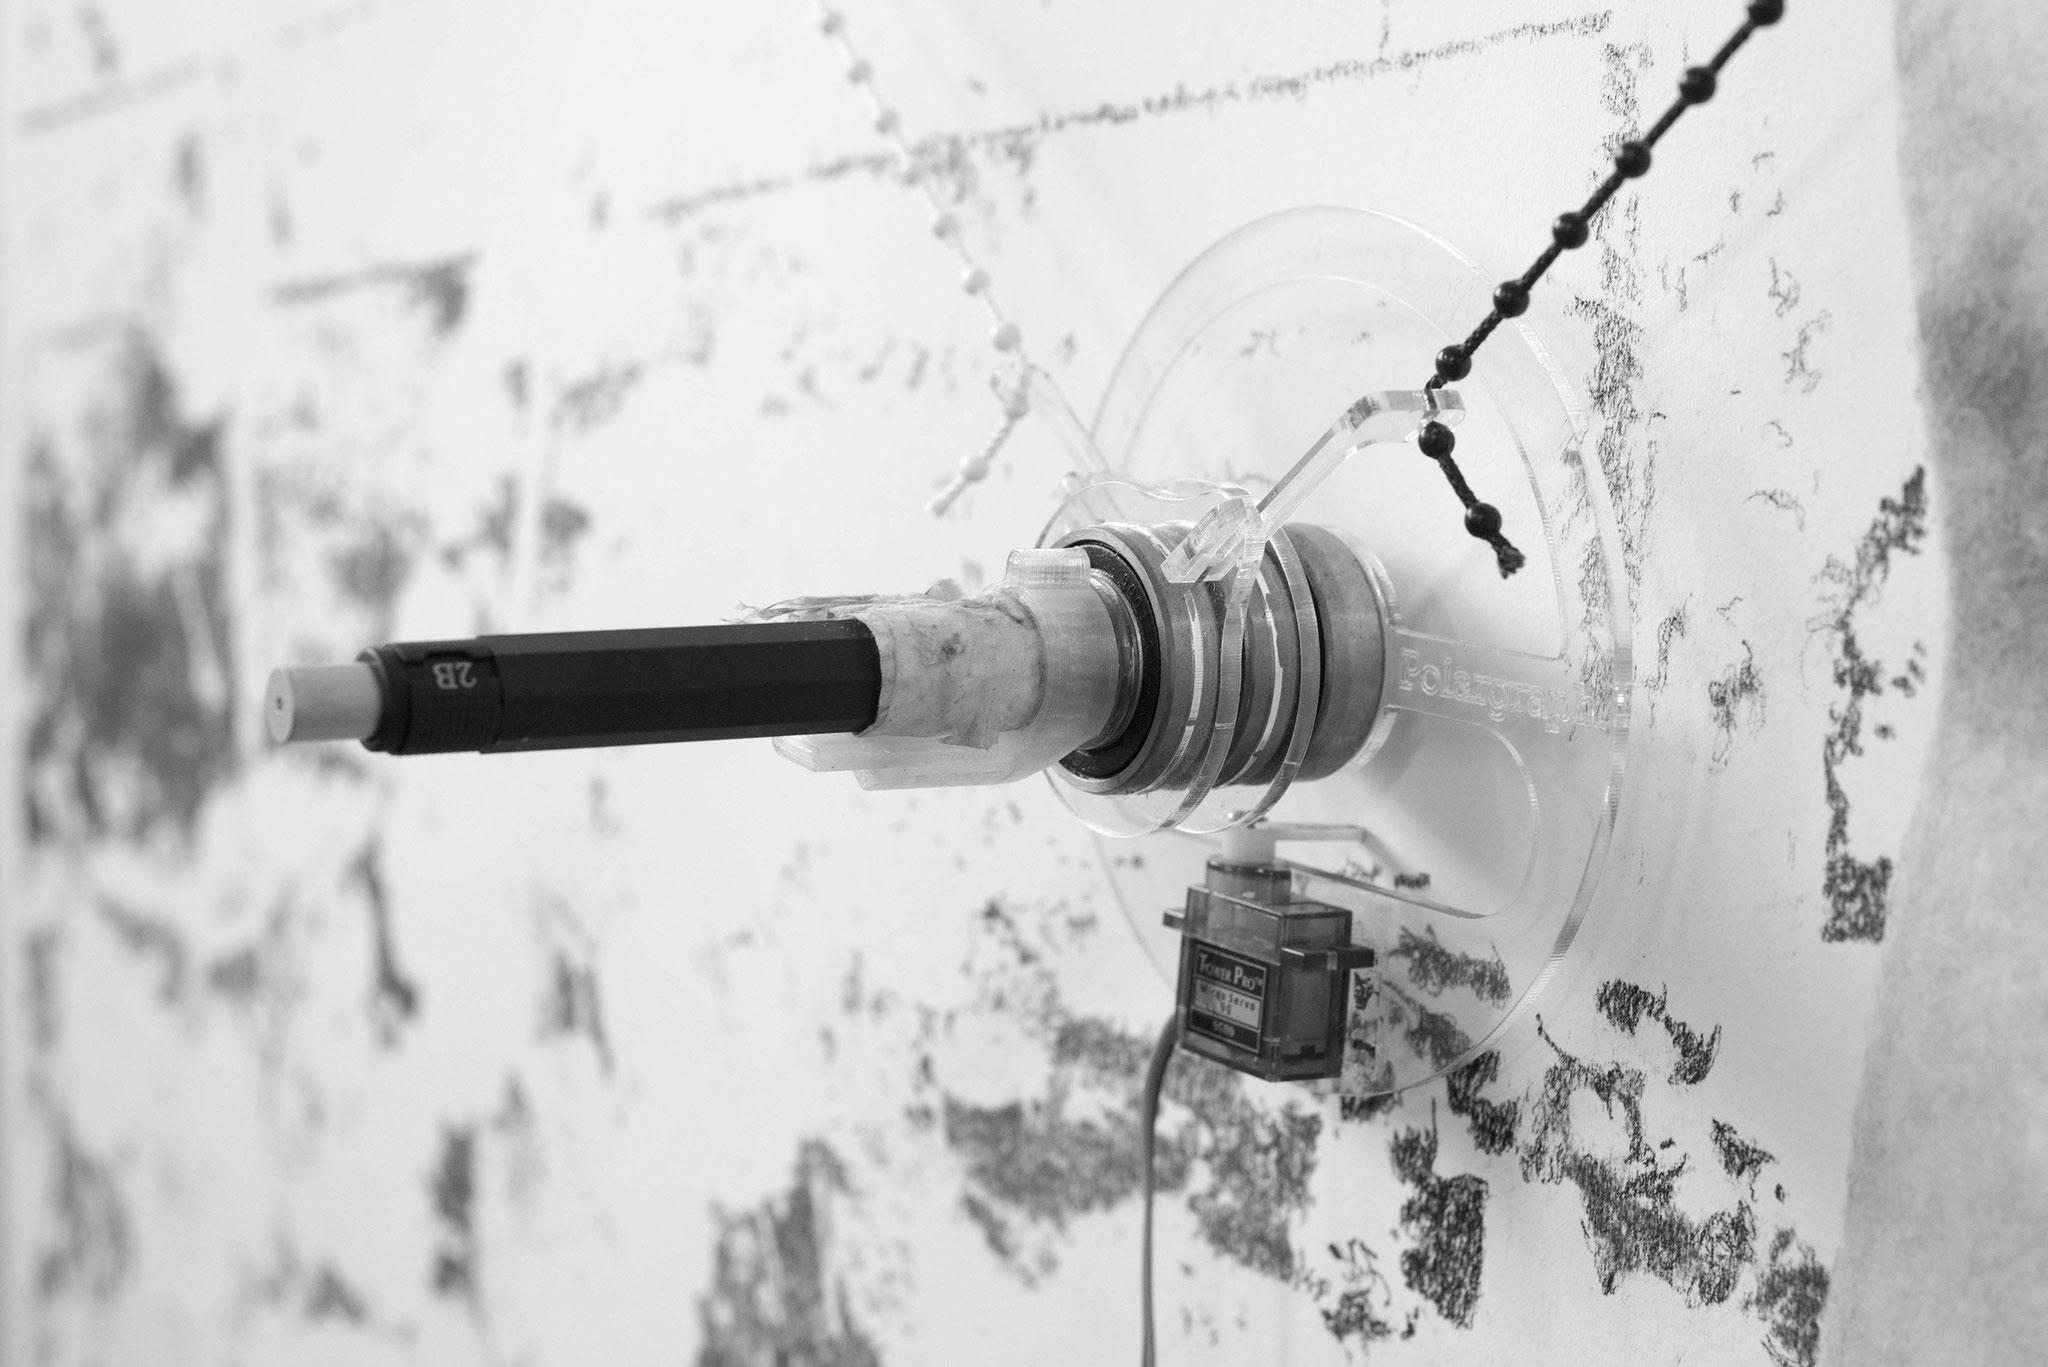 Détail de la machine à dessiner. Photo : Camille Bondon